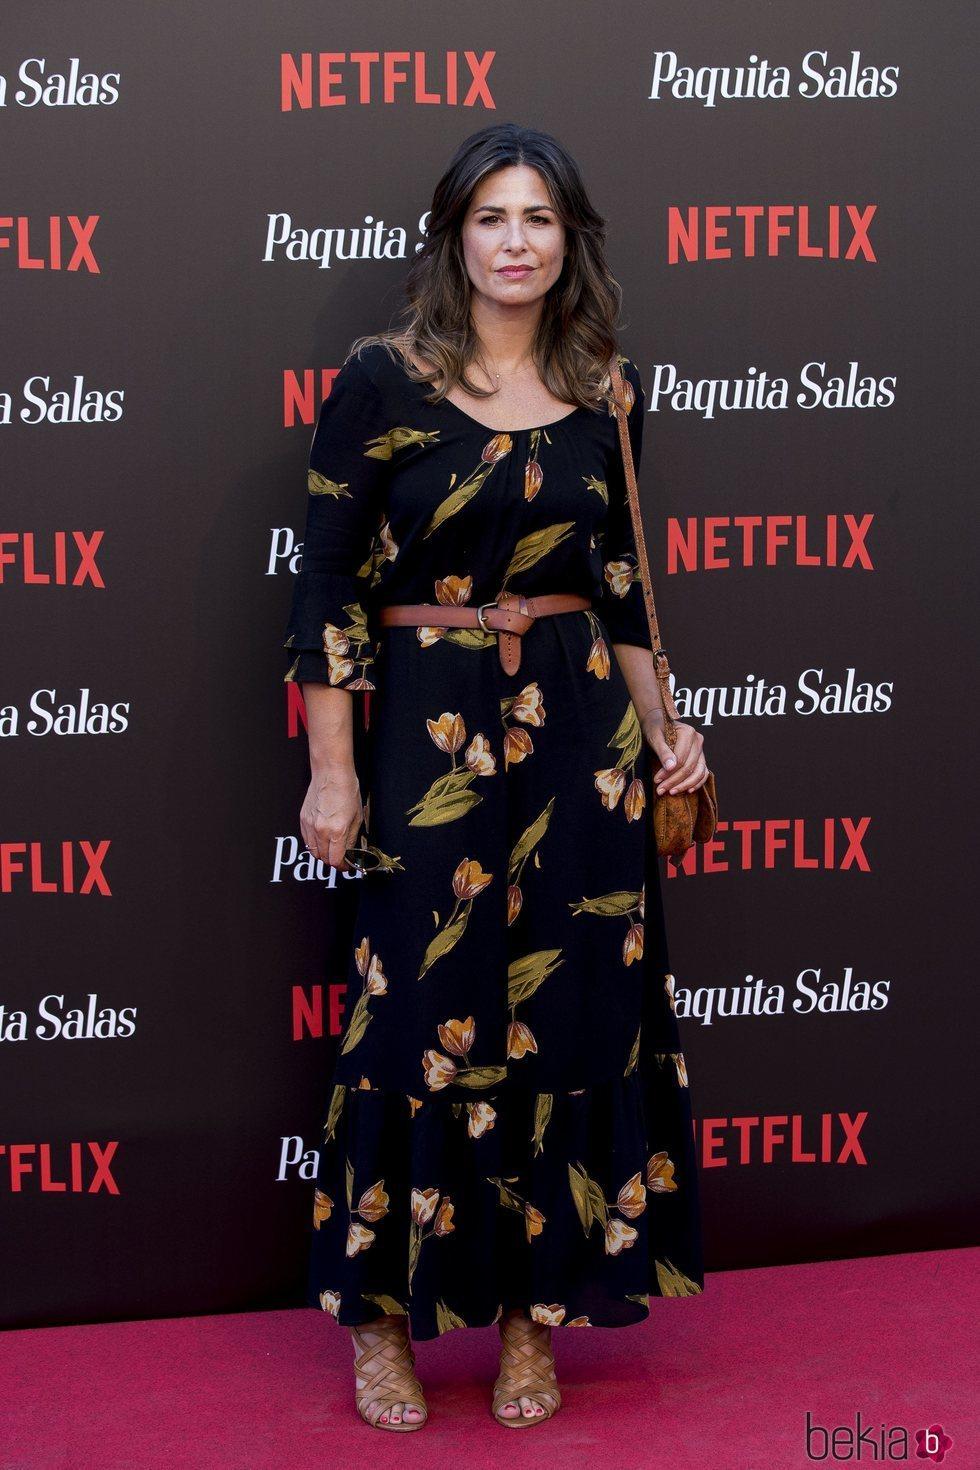 Nuria Roca en la premiere de la segunda temporada de 'Paquita Salas'